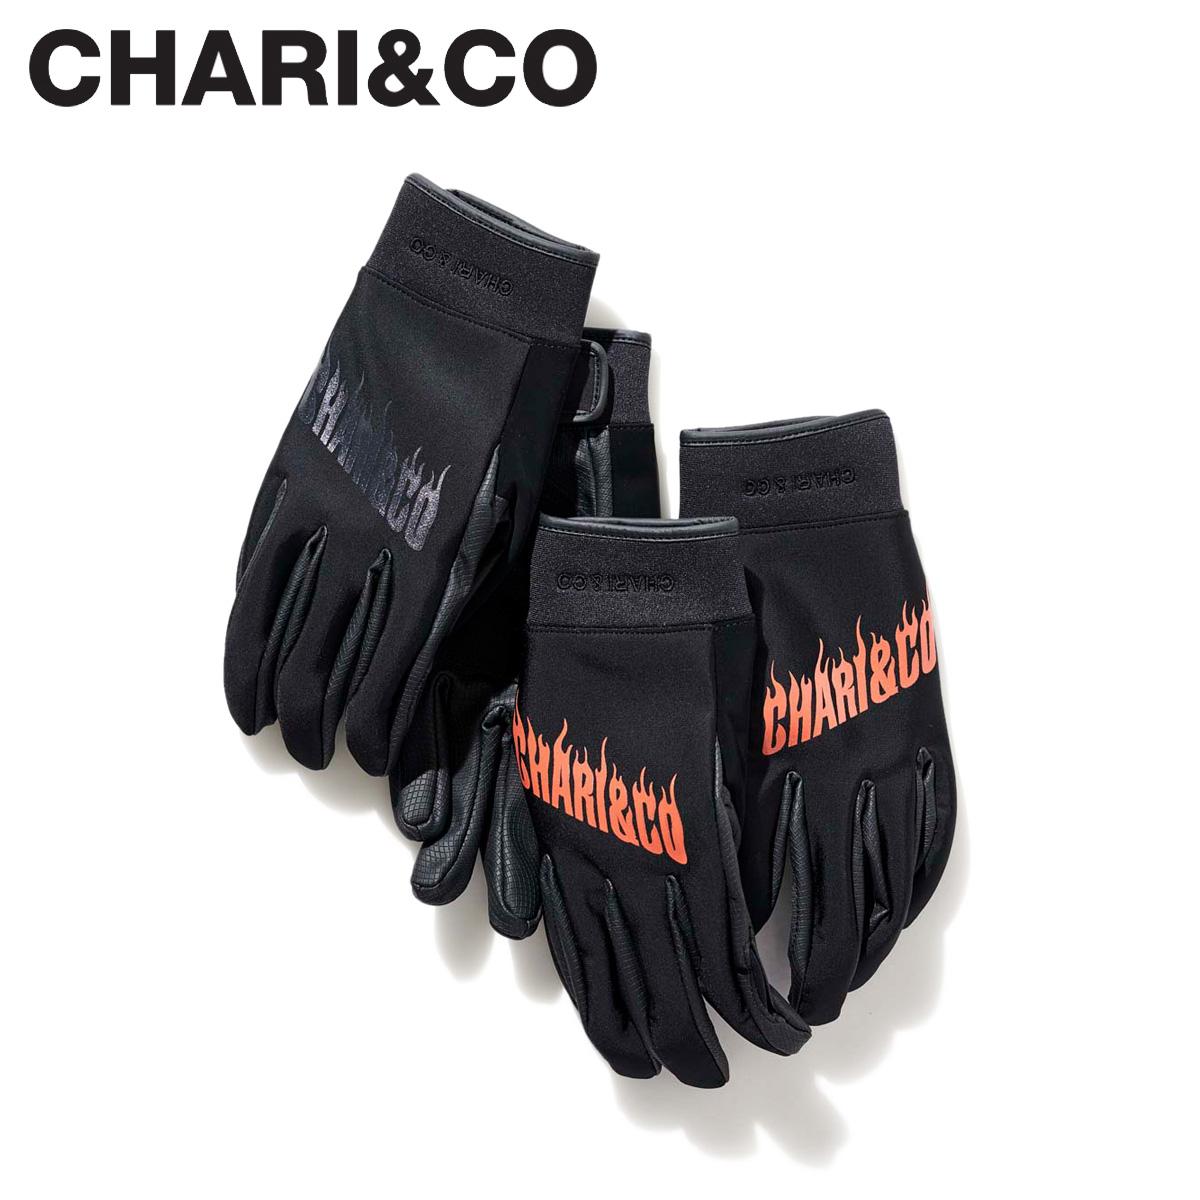 送料無料 チャリアンドコー CHARICO FLAME 驚きの値段で LOGO GLOVE 手袋 ブラック レッド クリアランスsale!期間限定! グローブ 最大600円OFFクーポン メンズ 黒